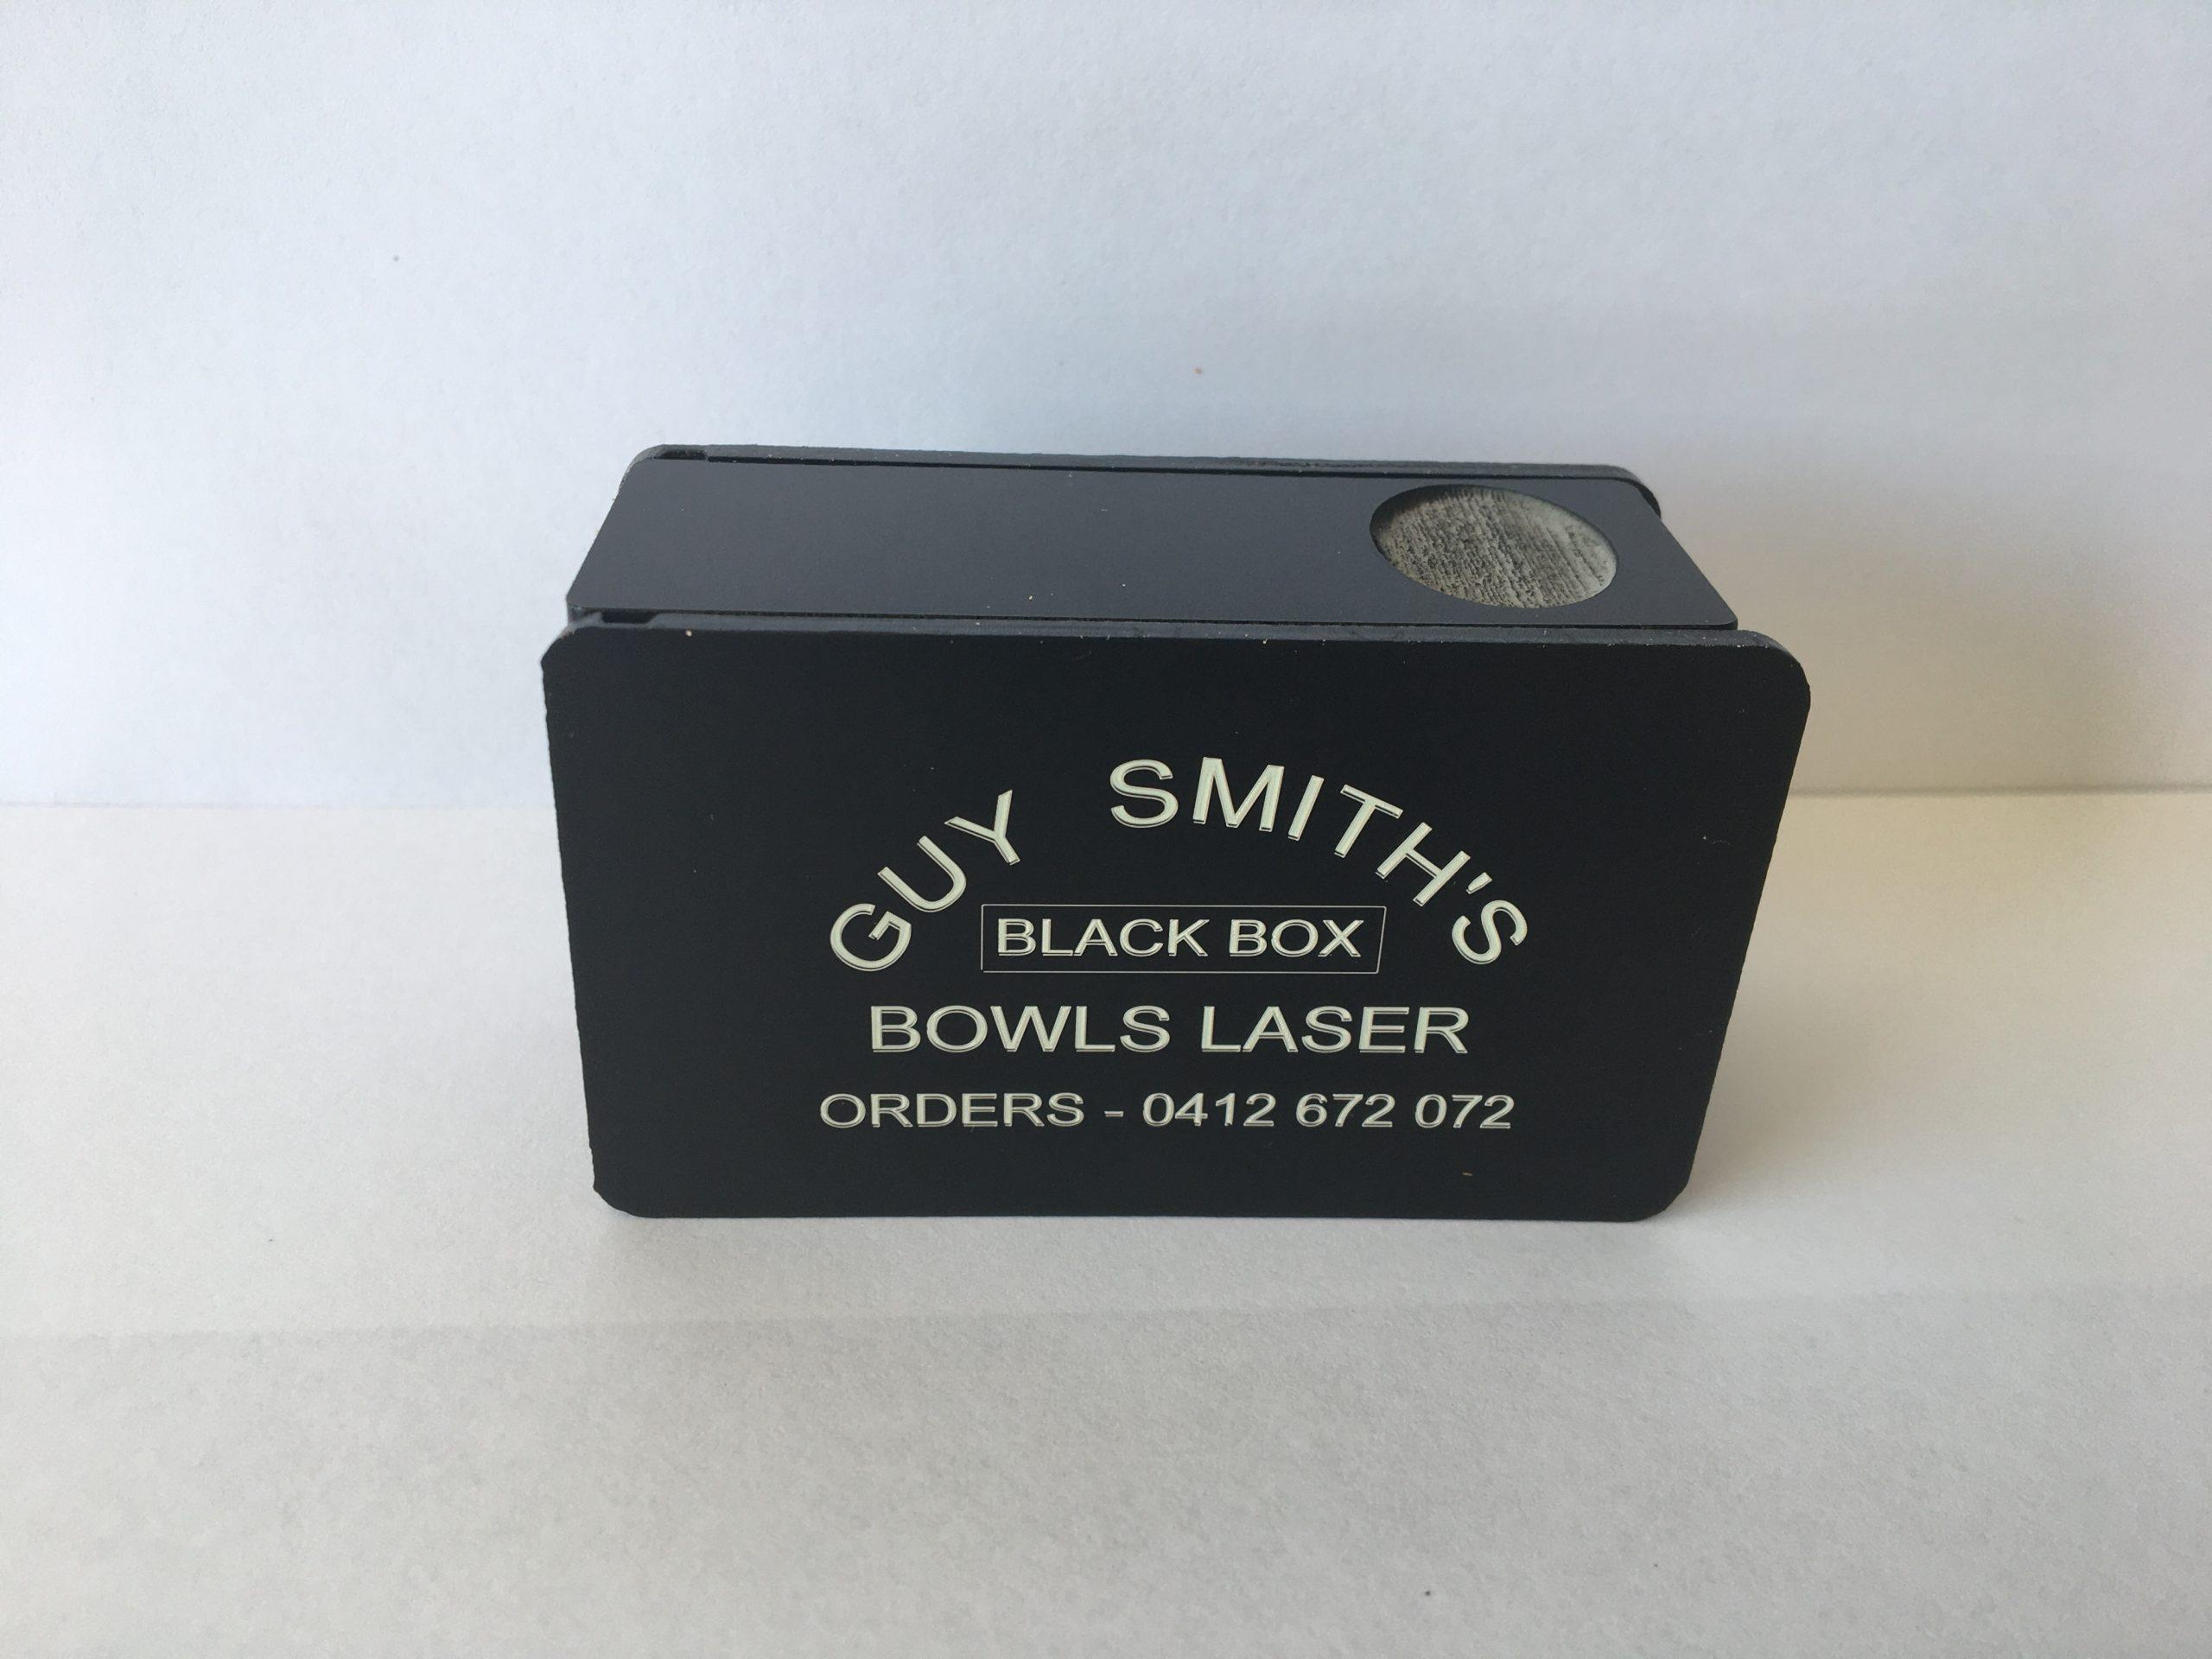 Bowls laser